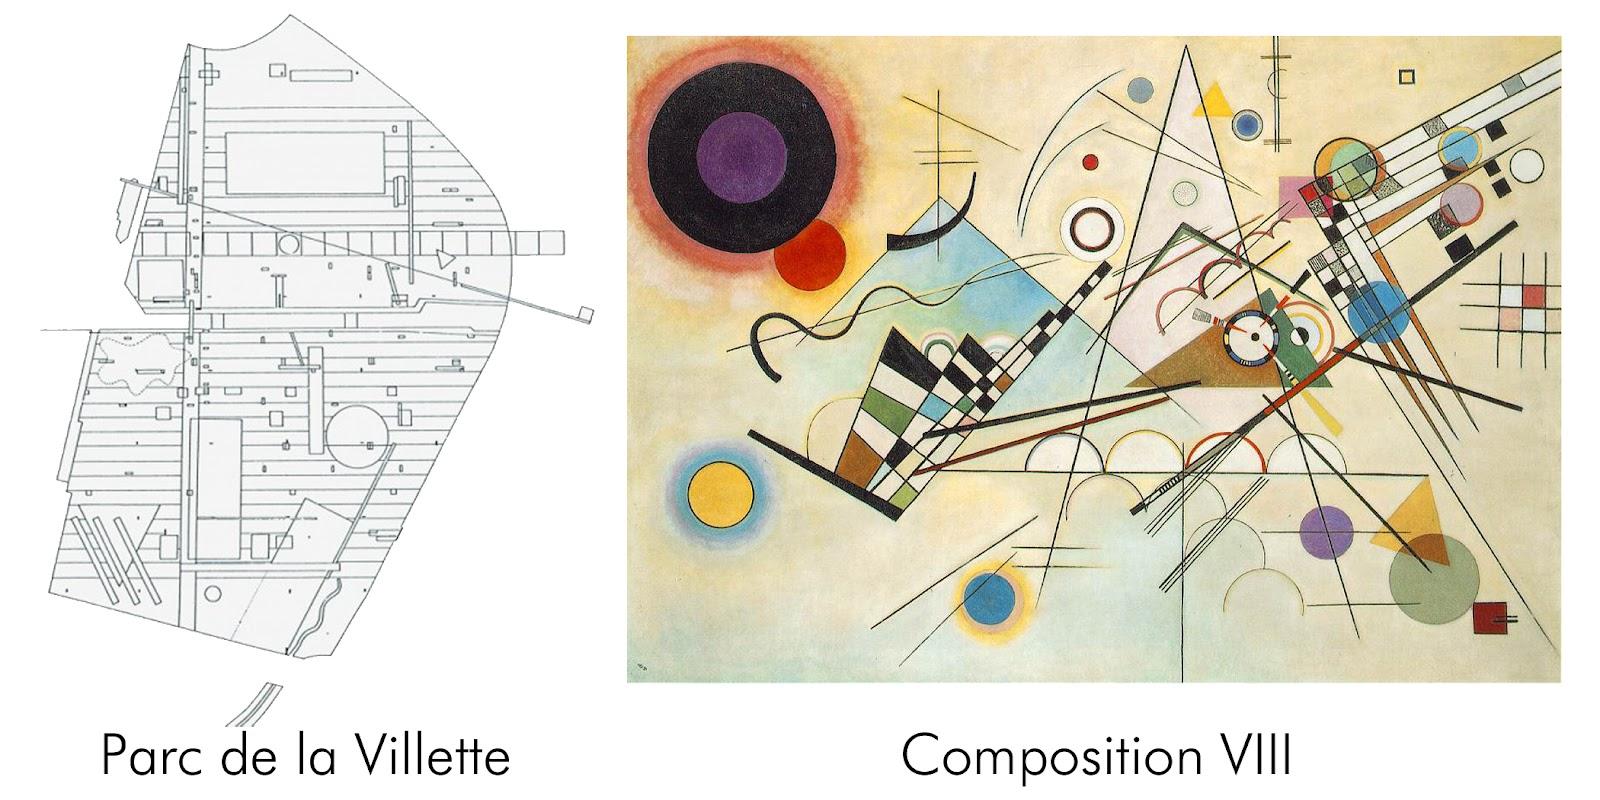 Oma Parc De La Villette Diagram 220 Plug Wiring Contemporary European Architecture Compositions